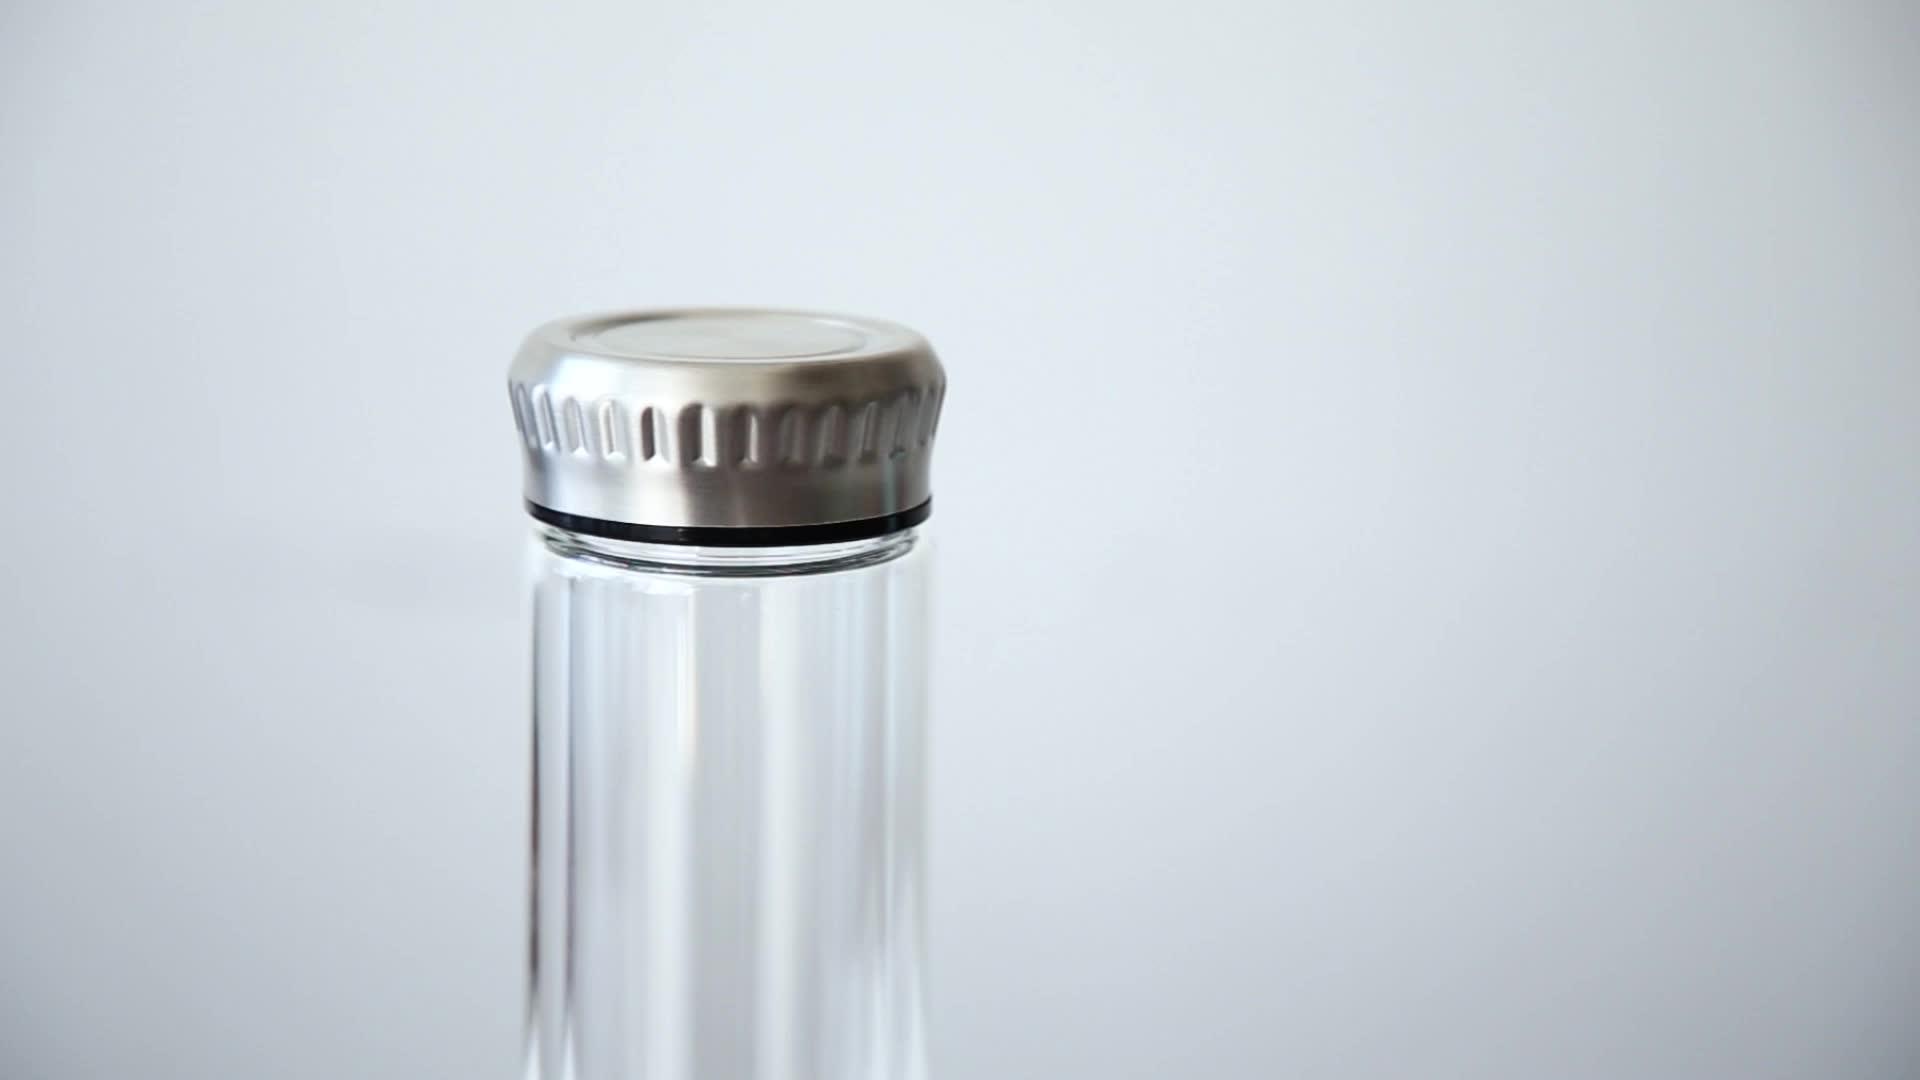 Paslanmaz çelik kapaklı çift duvarlı borosilikat cam su şişesi demlik ile